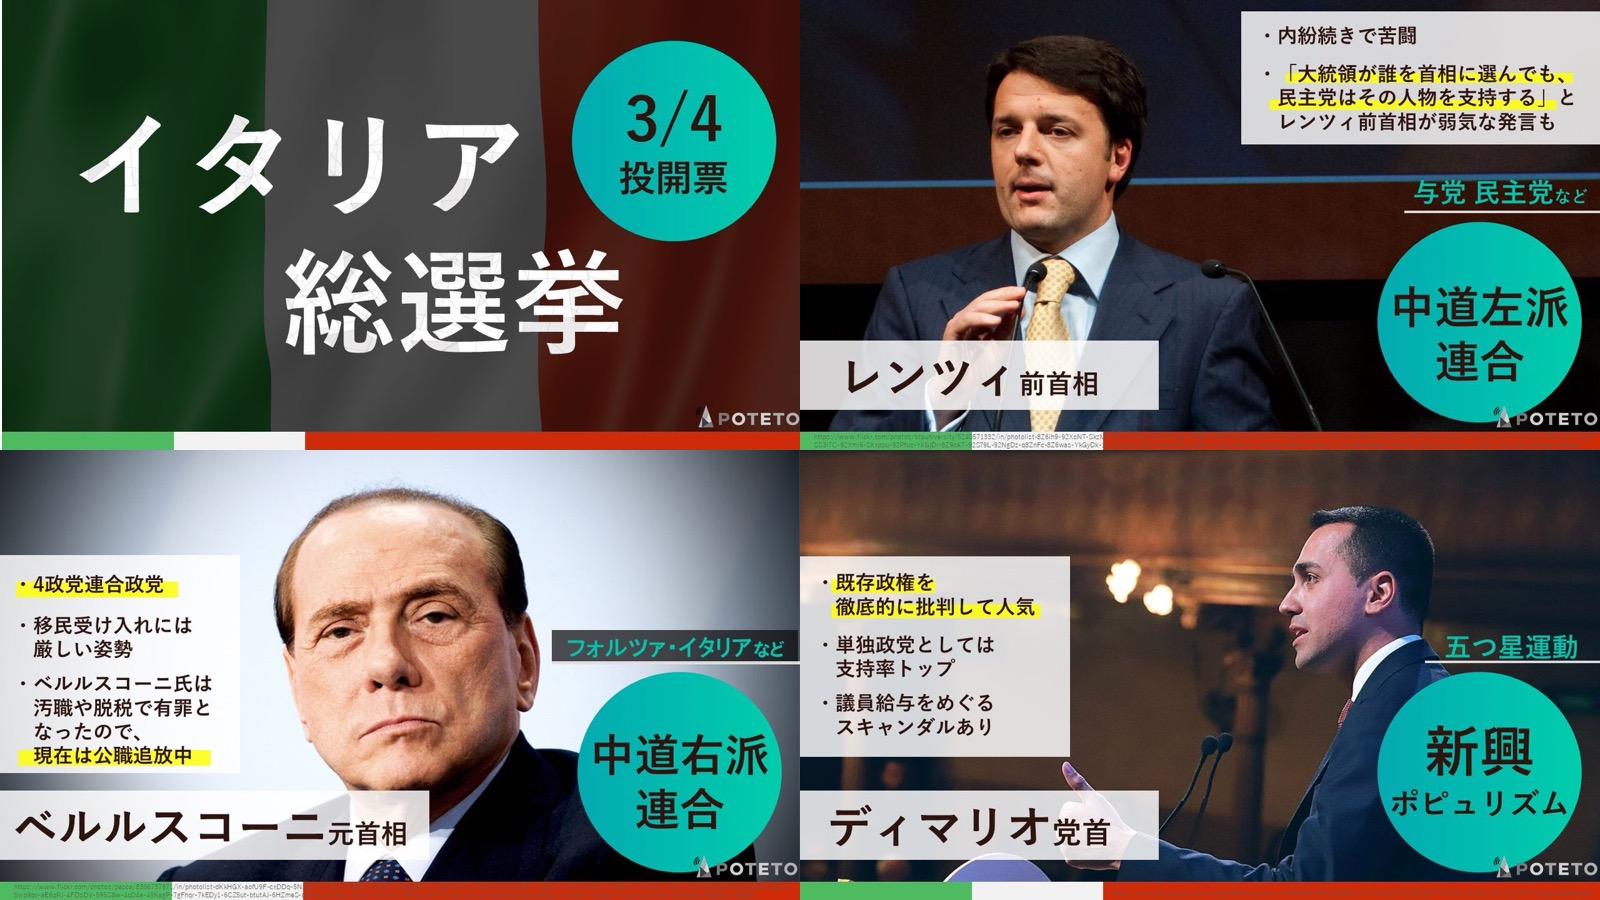 7fb8f1c748d490339c64aa37f2515920 - イタリア総選挙🇮🇹